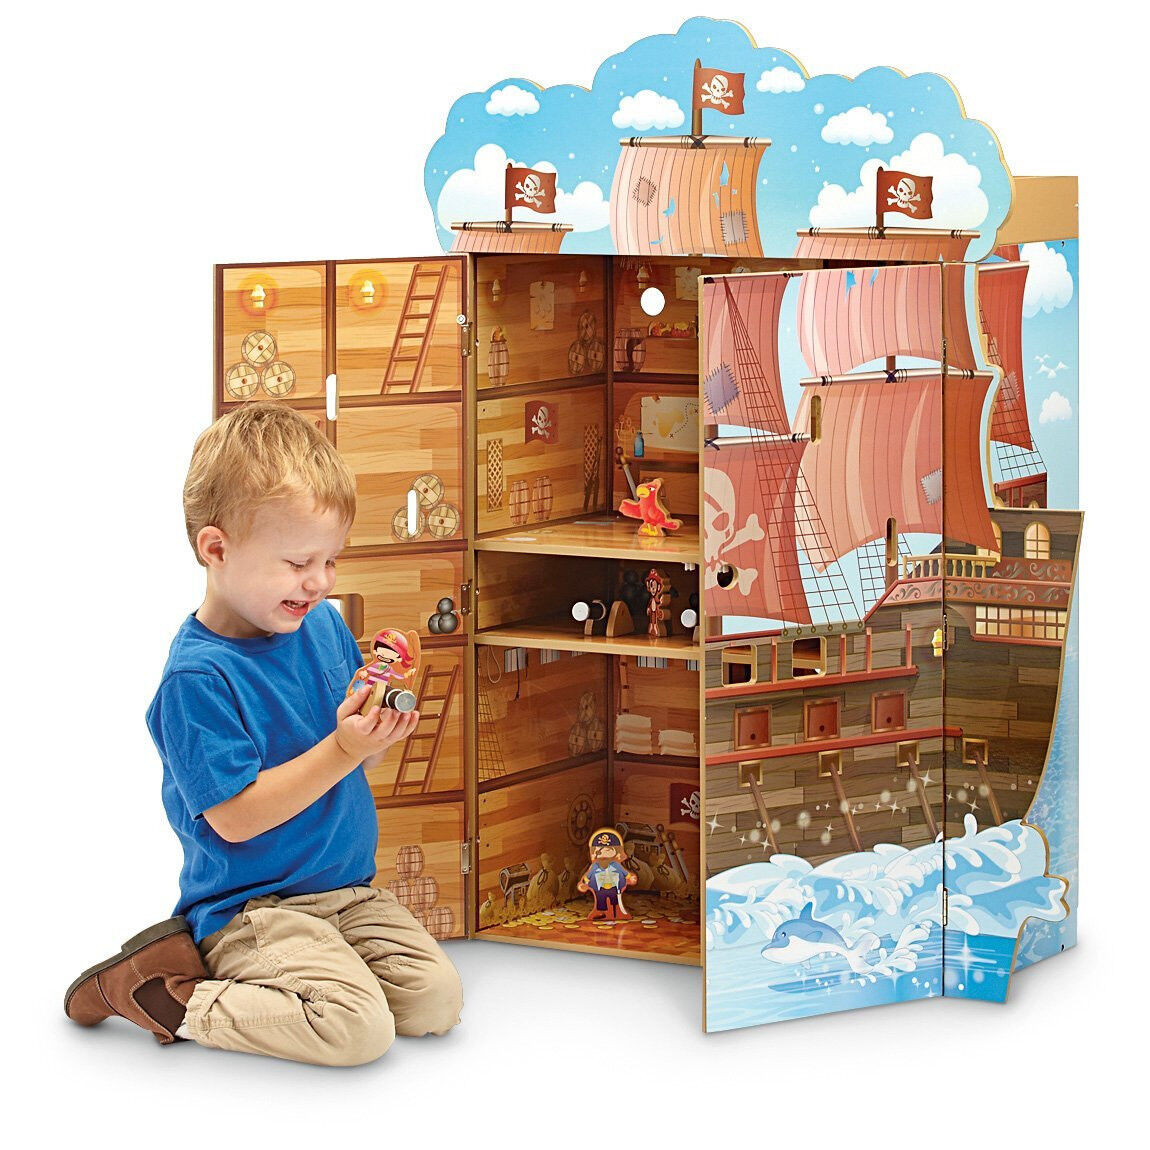 Teamson Kids Jugar House Con Estatuillas De Barco Pirata